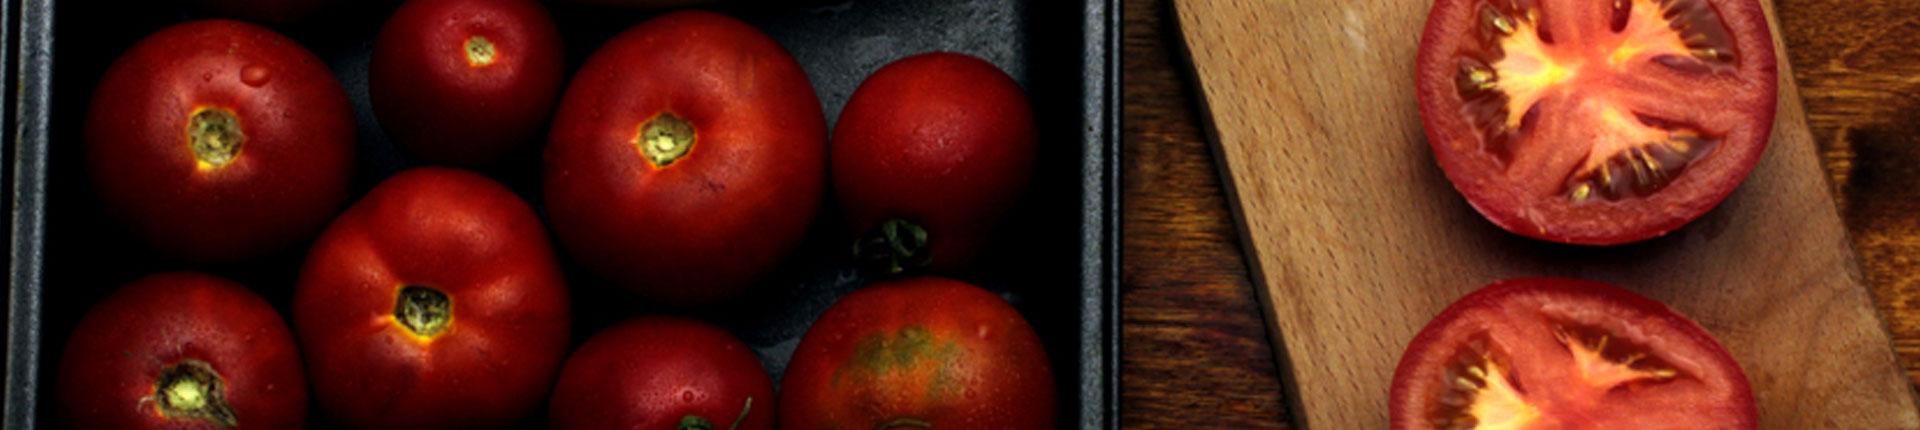 Dieta objętościowa - co to jest? Poznaj dietę wolumetryczną!